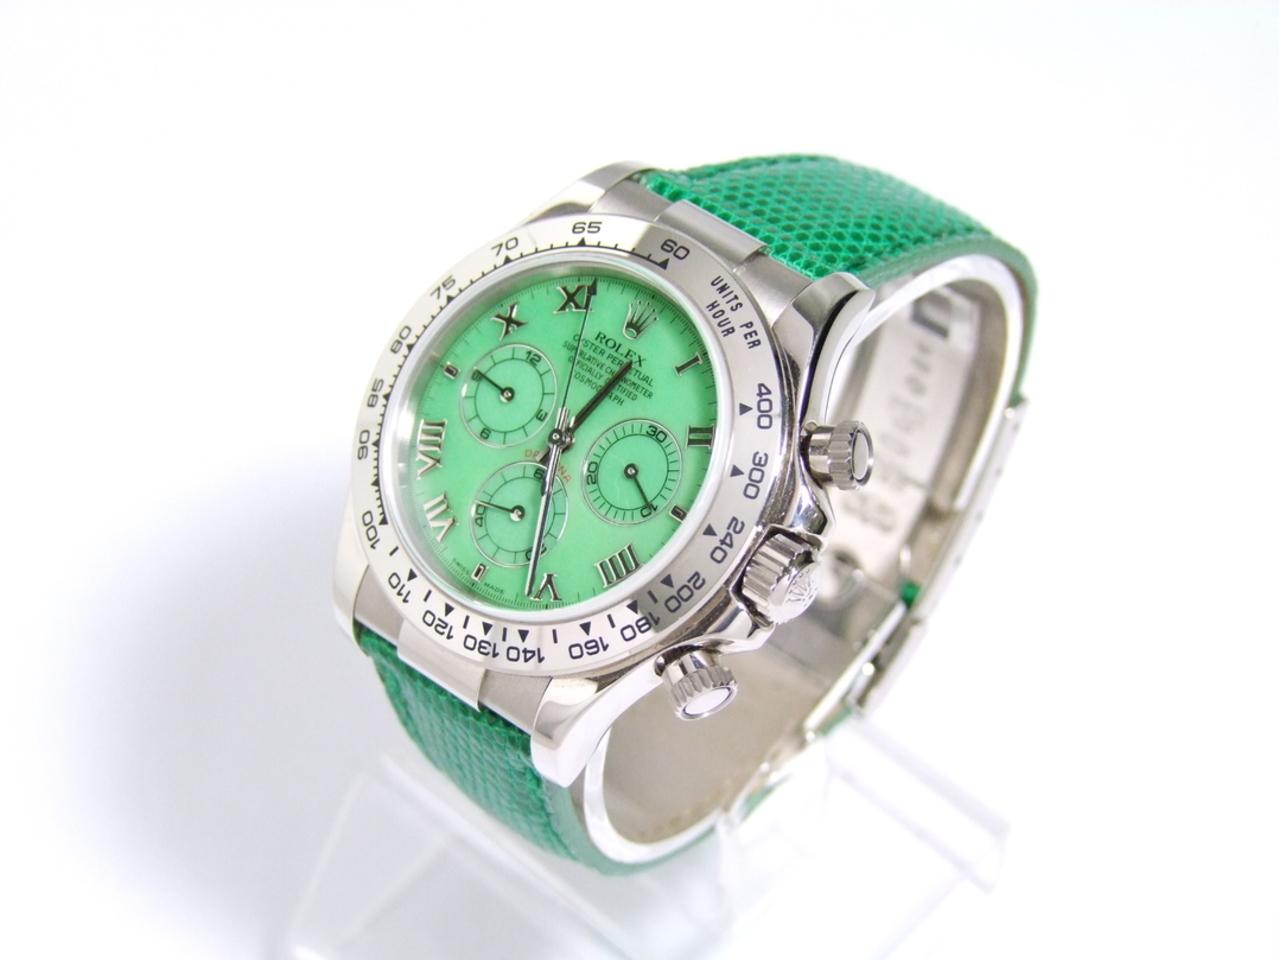 壊れた腕時計・懐中時計高価買取り | 松戸 | 口コミで評判の「おたからや五香店」